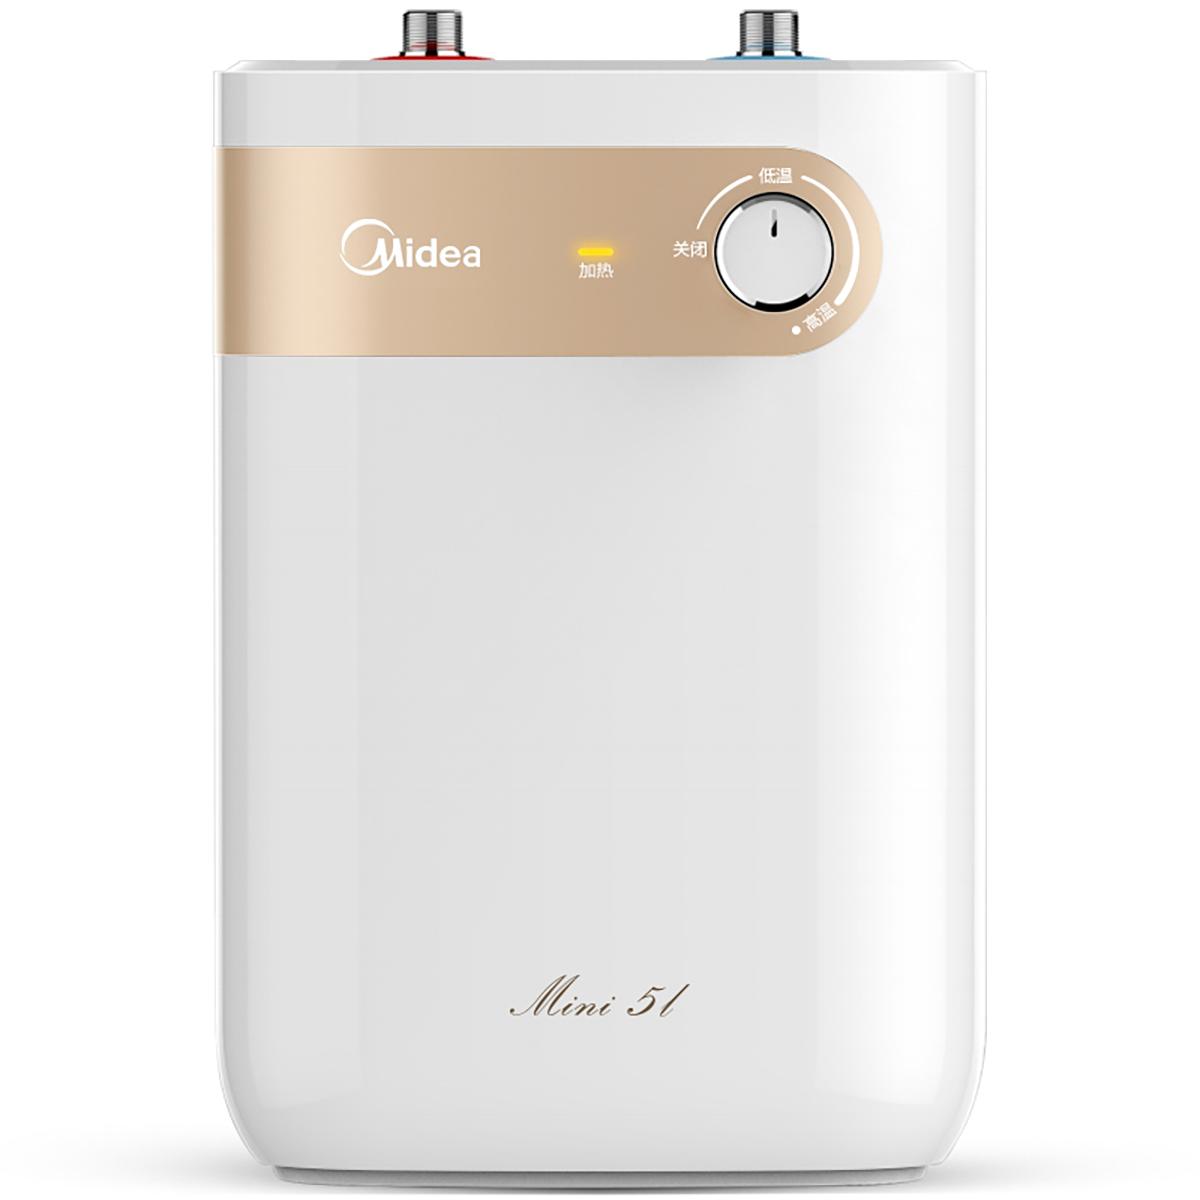 Midea/美的 F05-15A1(S)电热水器 说明书.pdf